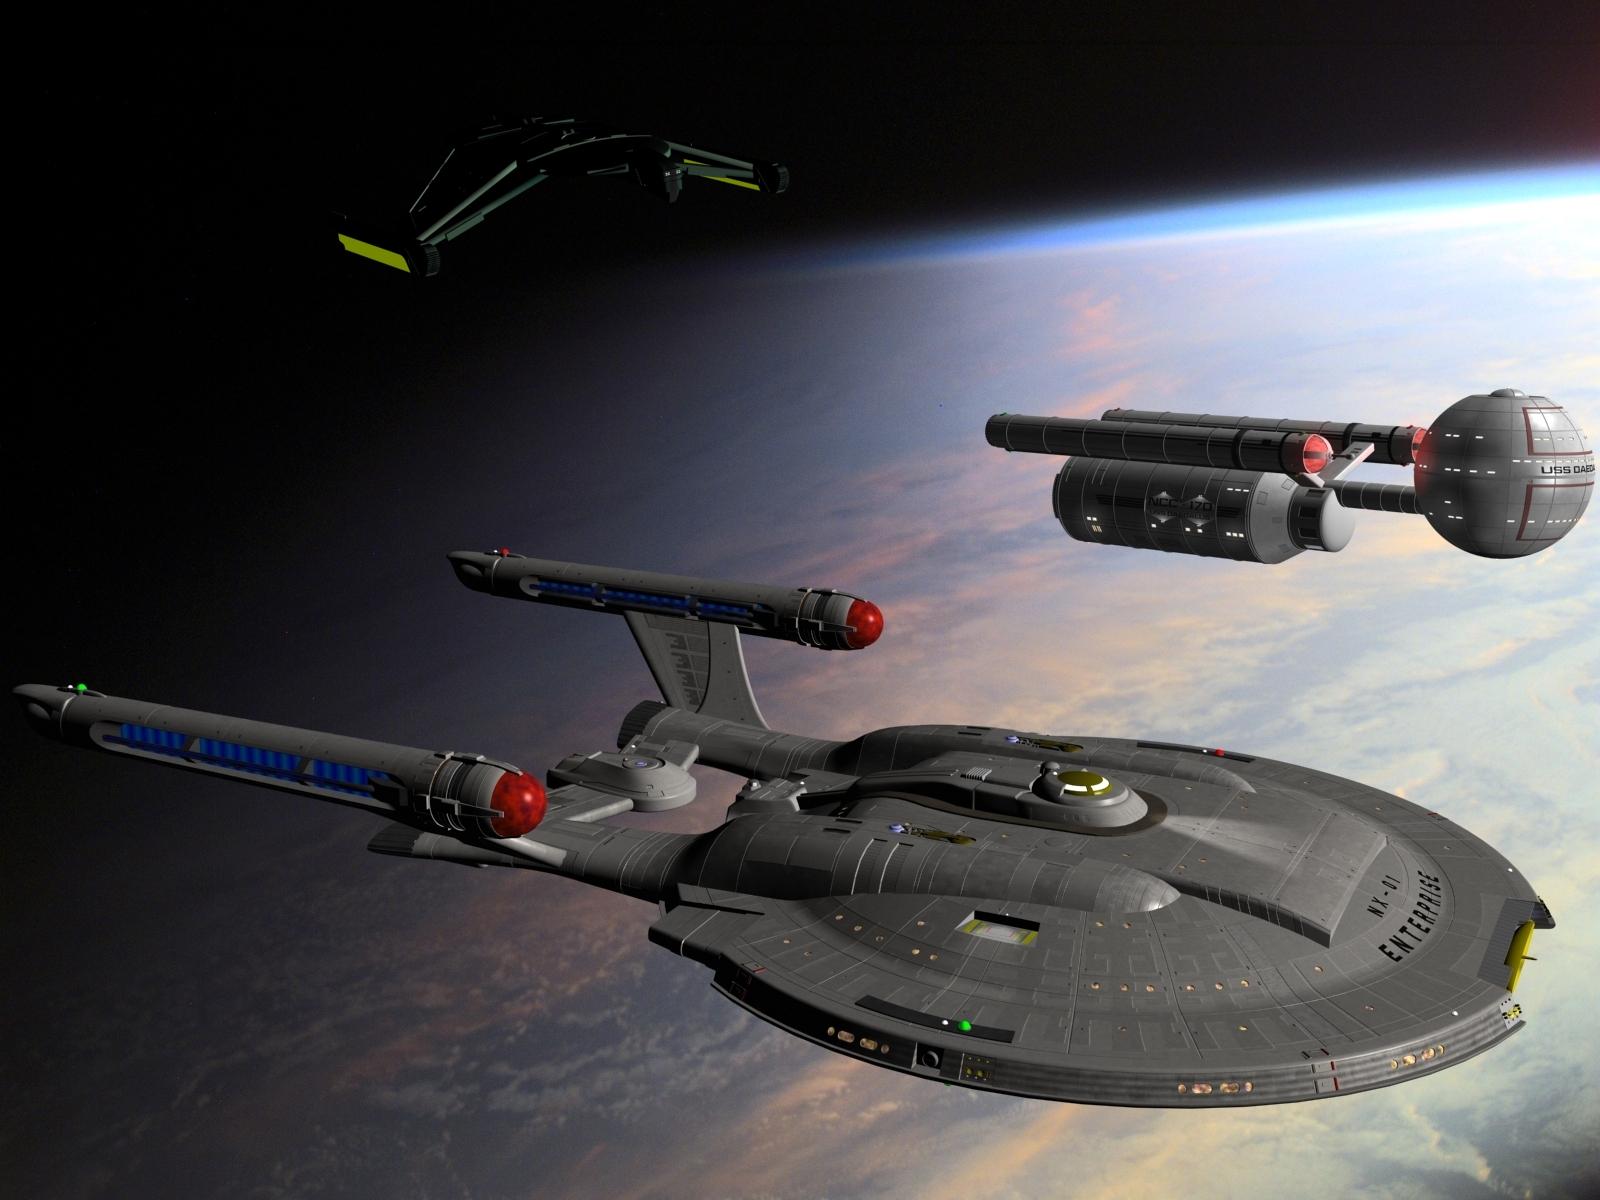 Star Trek - Pre-TOS era by davemetlesits on DeviantArt